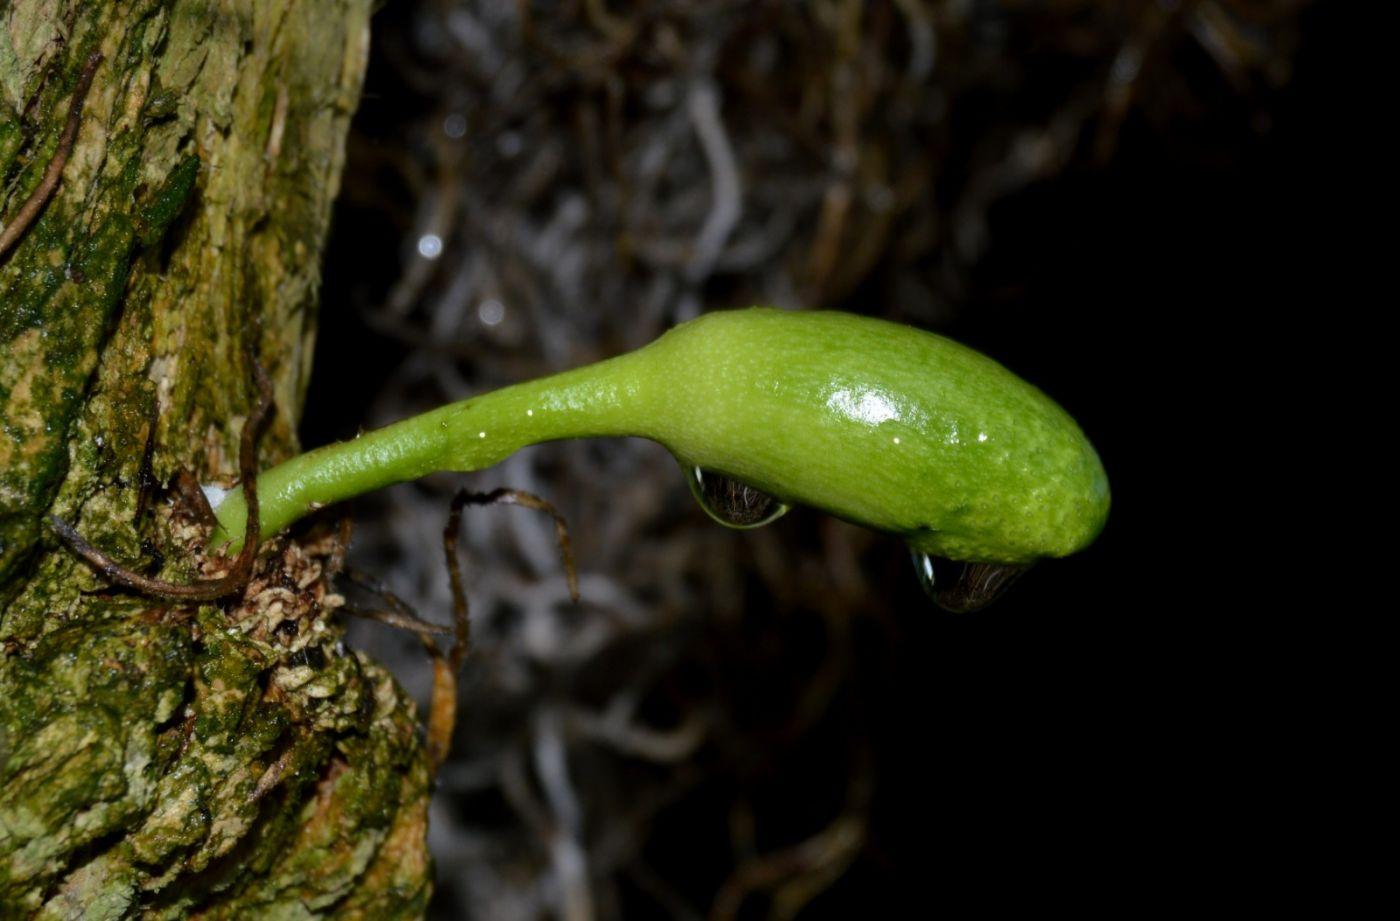 西瓜长在树上_图1-18